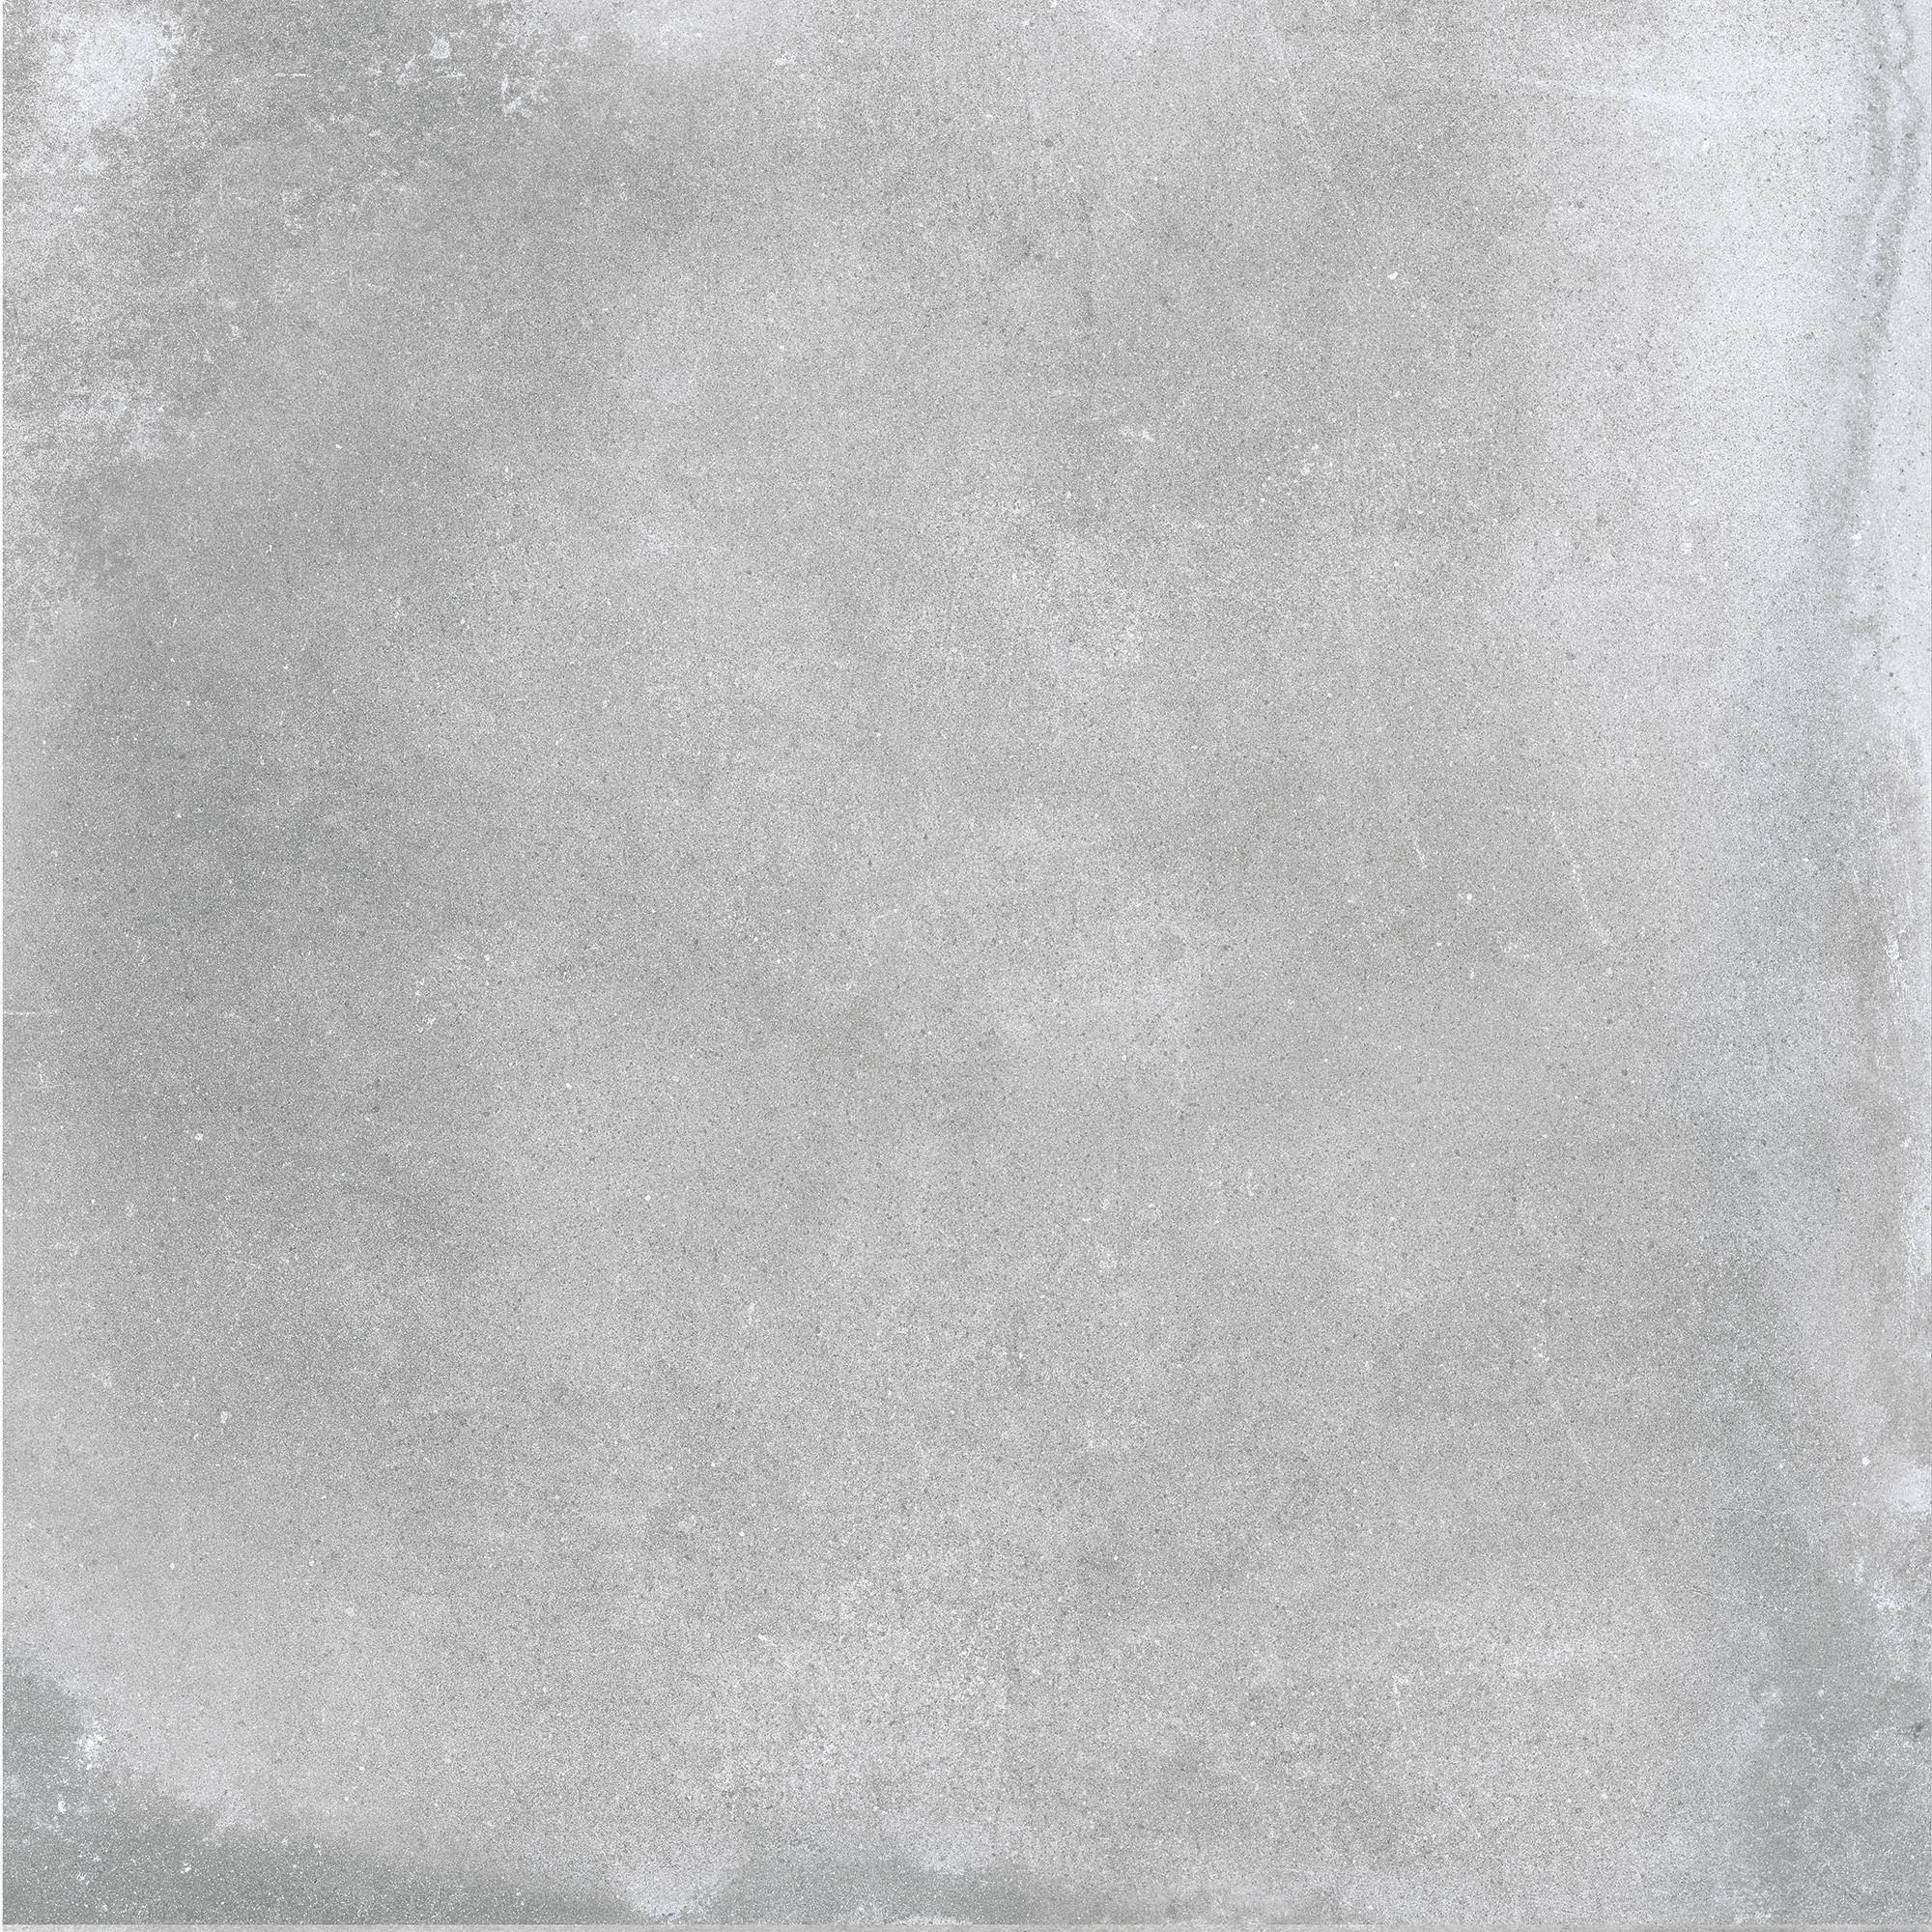 0328261, Europe, Harmaa, lattia,pakkasenkesto,liukastumisenesto